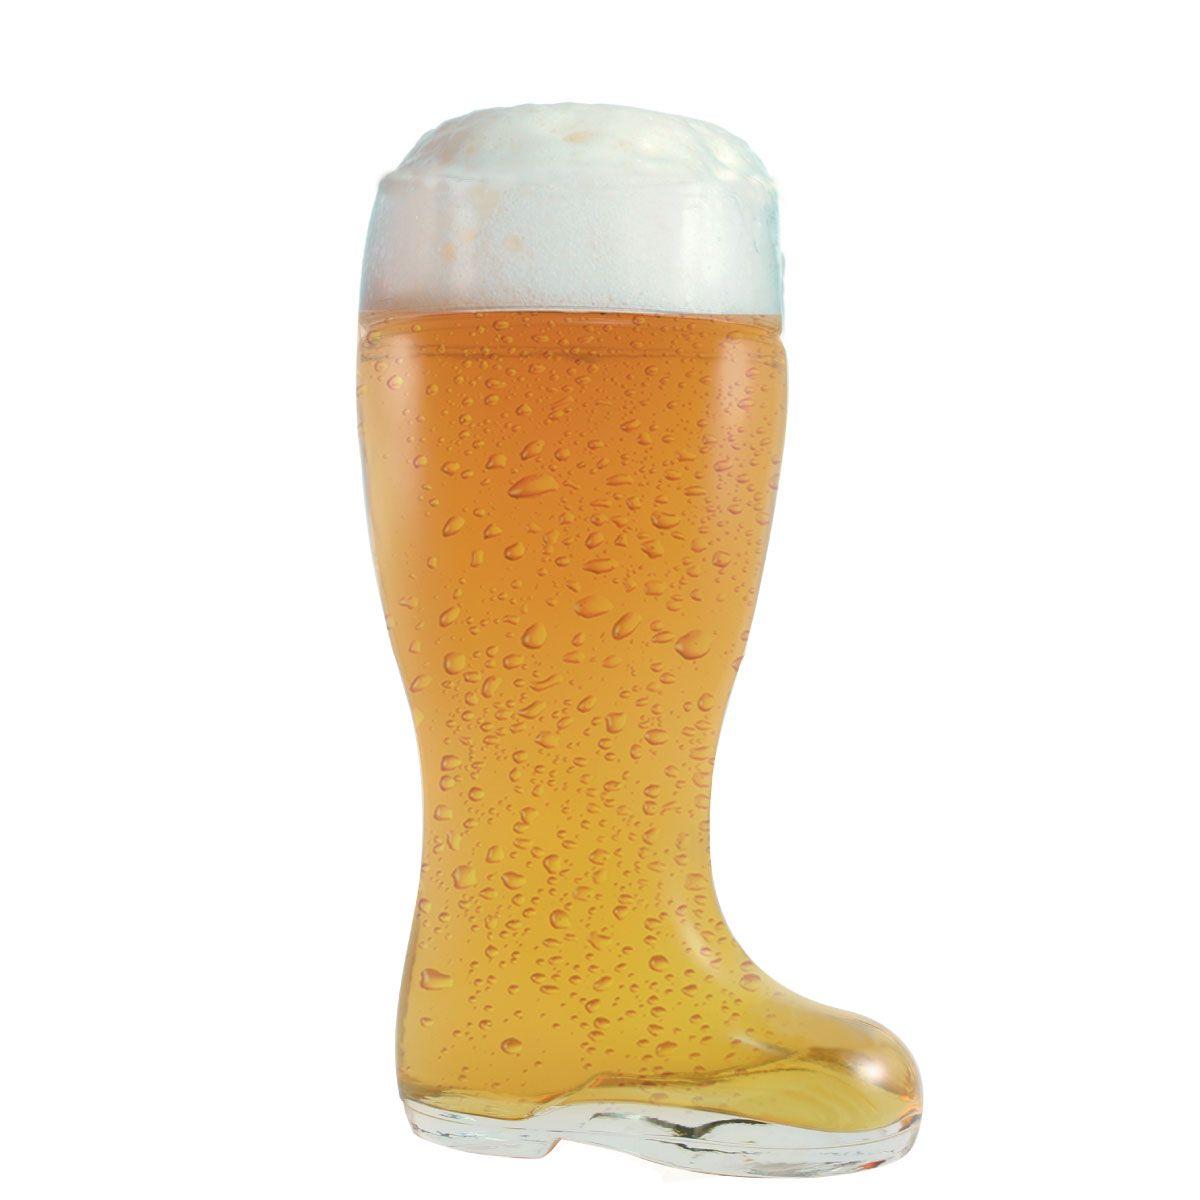 Copo de Cerveja de Vidro - Bota Cerveja Stiefel G 1 Litro